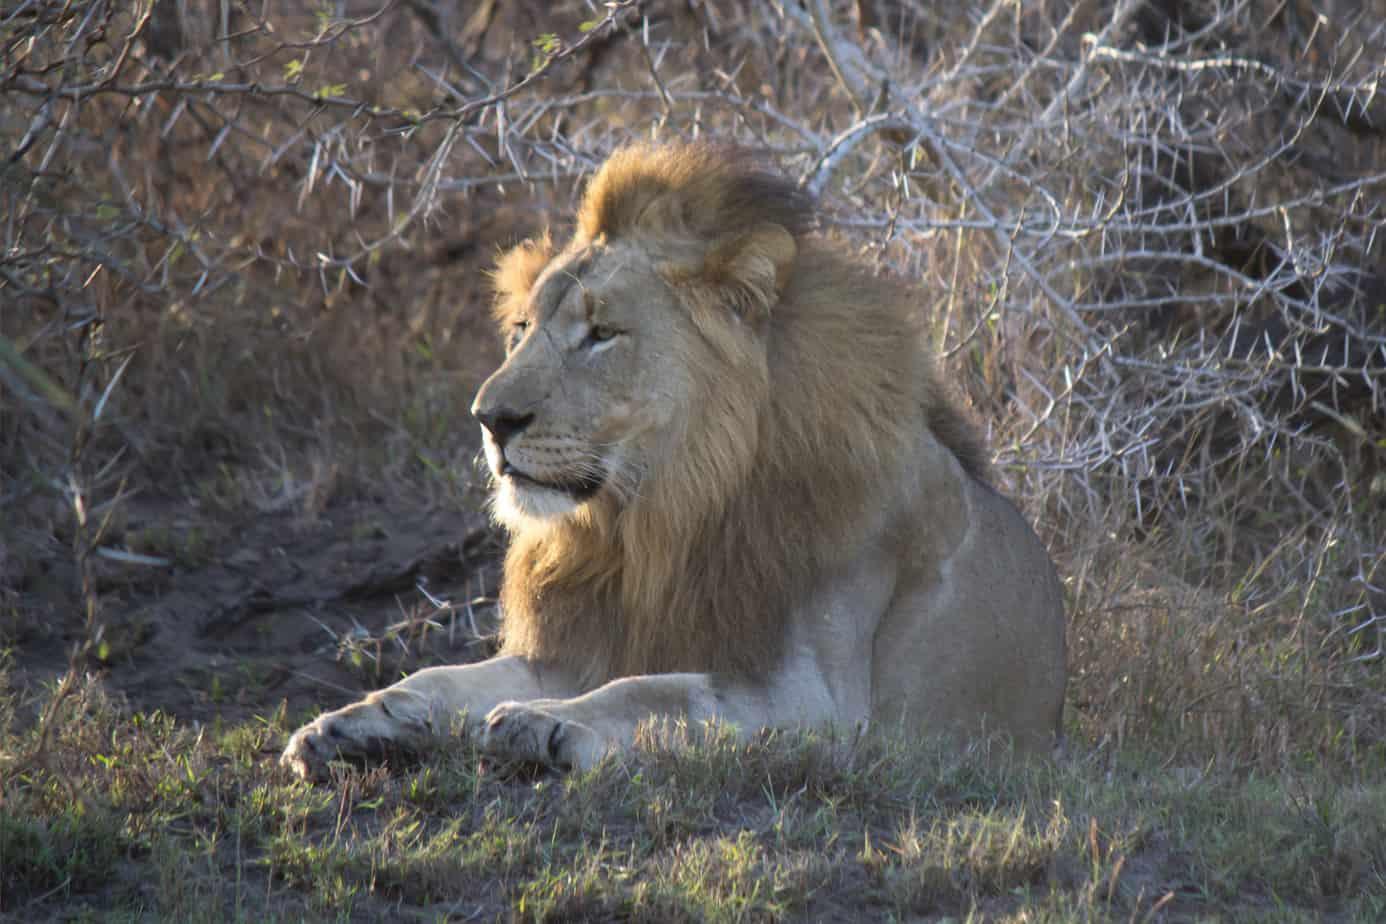 IMG 8156 2 - Tembe Elephant Park